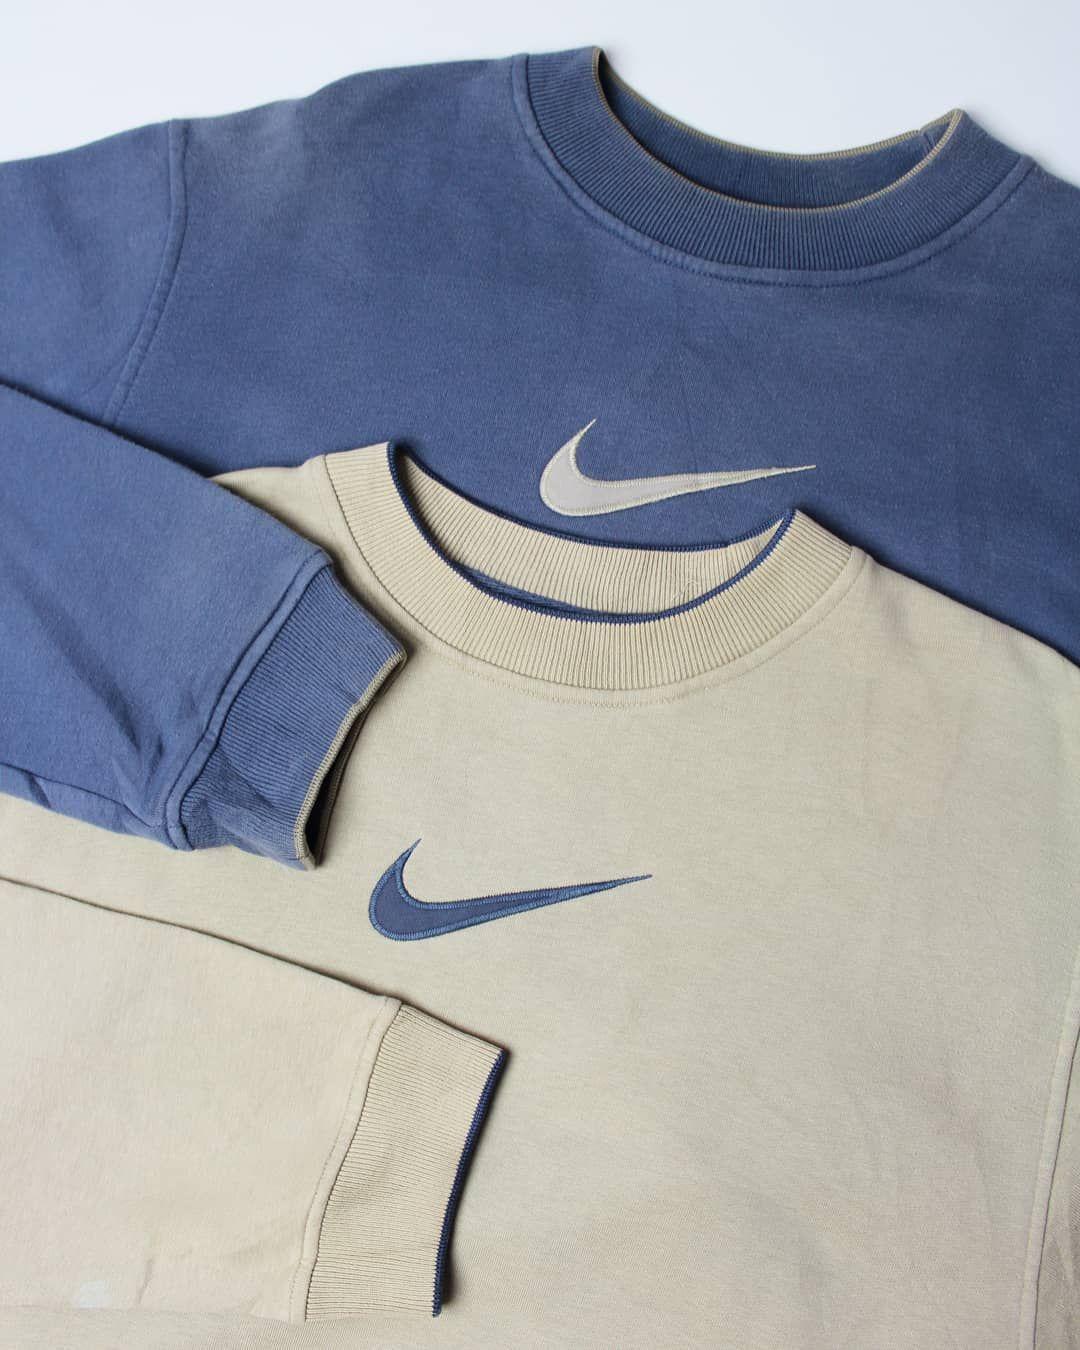 M21 Vintage On Instagram Central Swoosh Nike Duo In Last Nights Restock In 2021 Vintage Nike Sweatshirt Streetwear Men Outfits Vintage Hoodies [ 1350 x 1080 Pixel ]